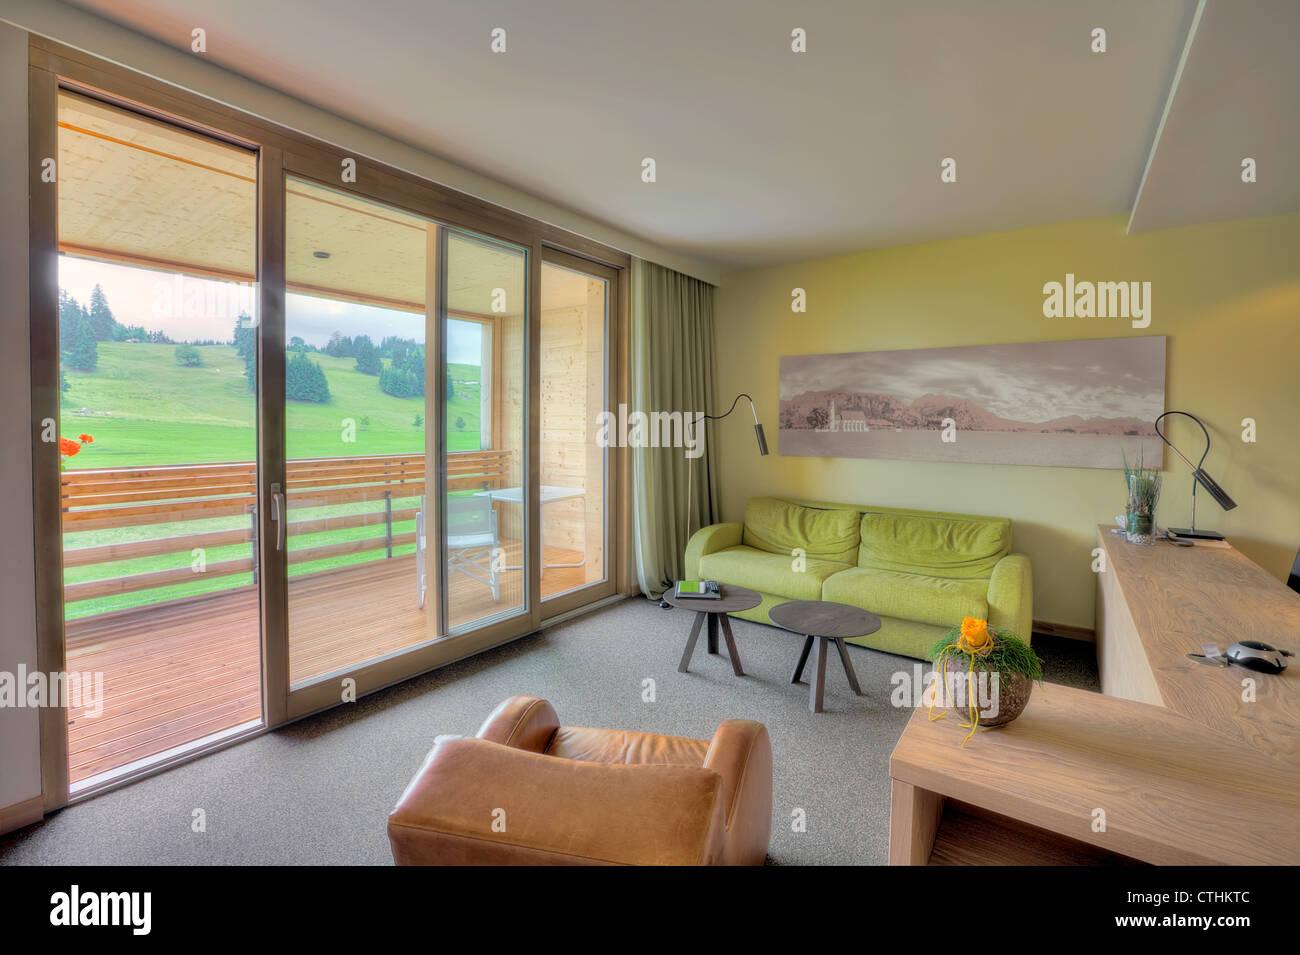 Schones Wohnzimmer In Kaufmann Hotel Bayern Stockfoto Bild